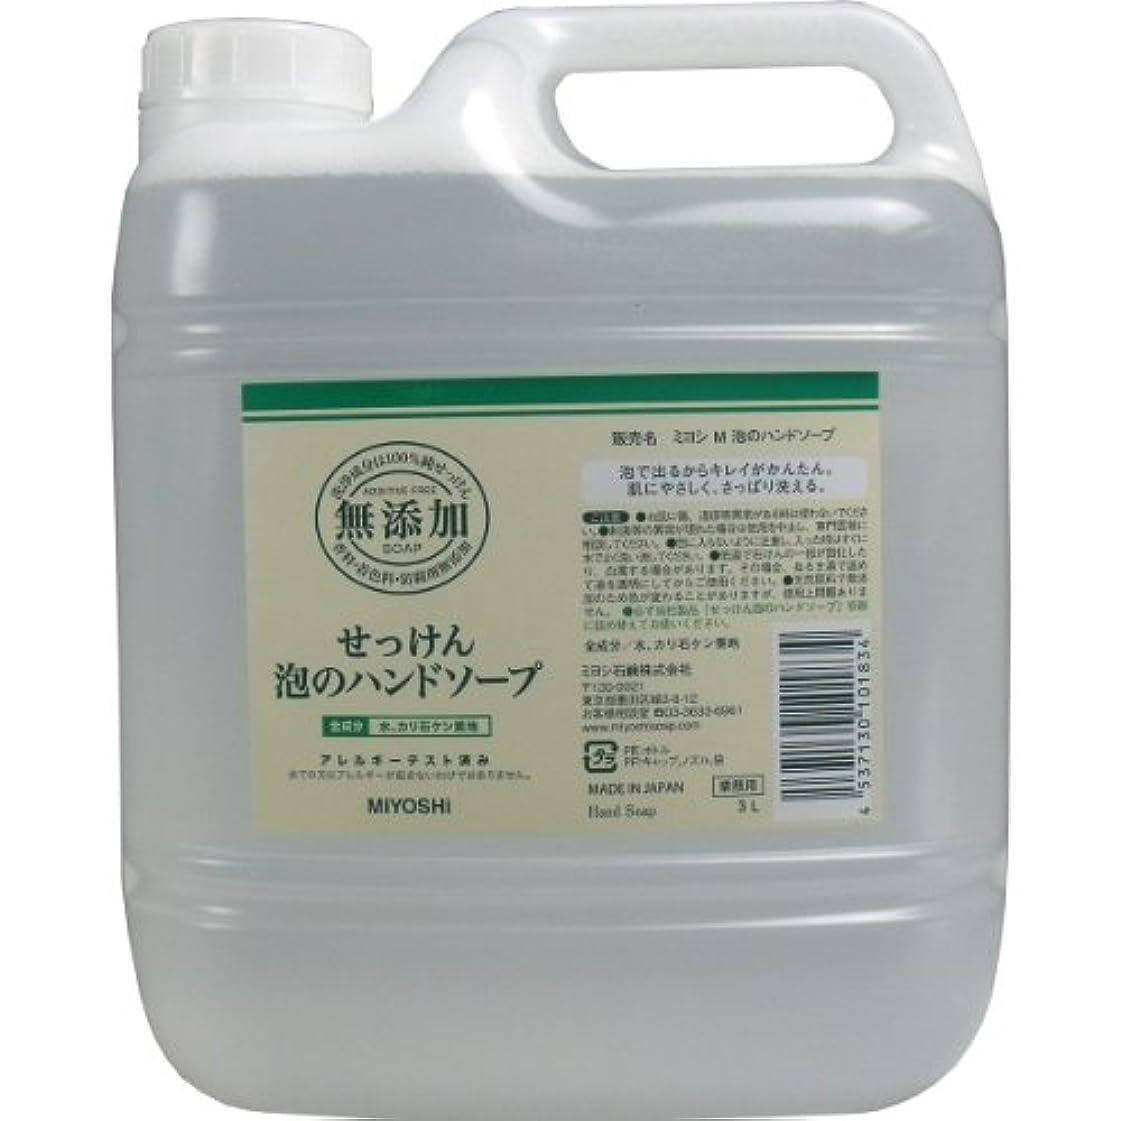 評価可能シャベル乳【セット品】無添加せっけん泡のハンドソープ 3000ml ×5個